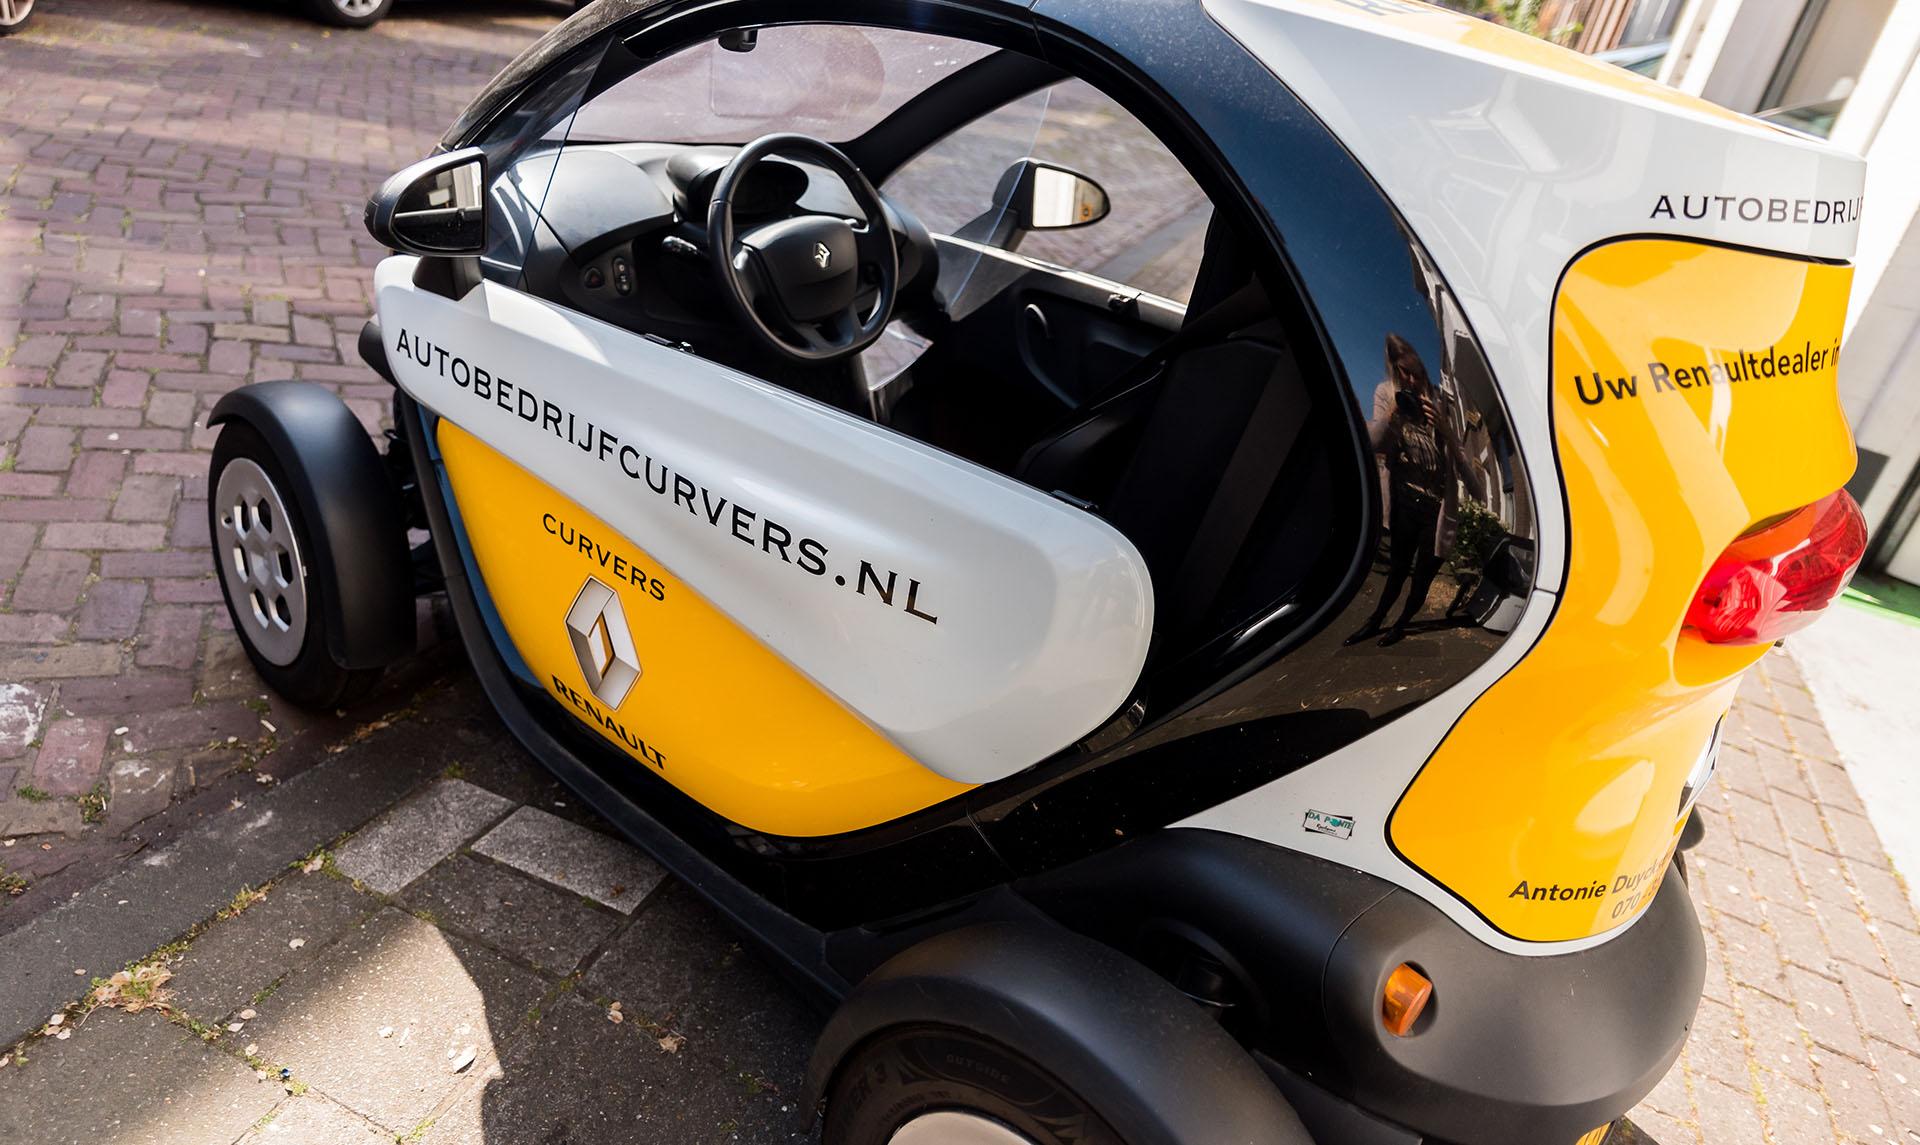 Onderhoud elektrisch en hybride bij Autobedrijf Curvers